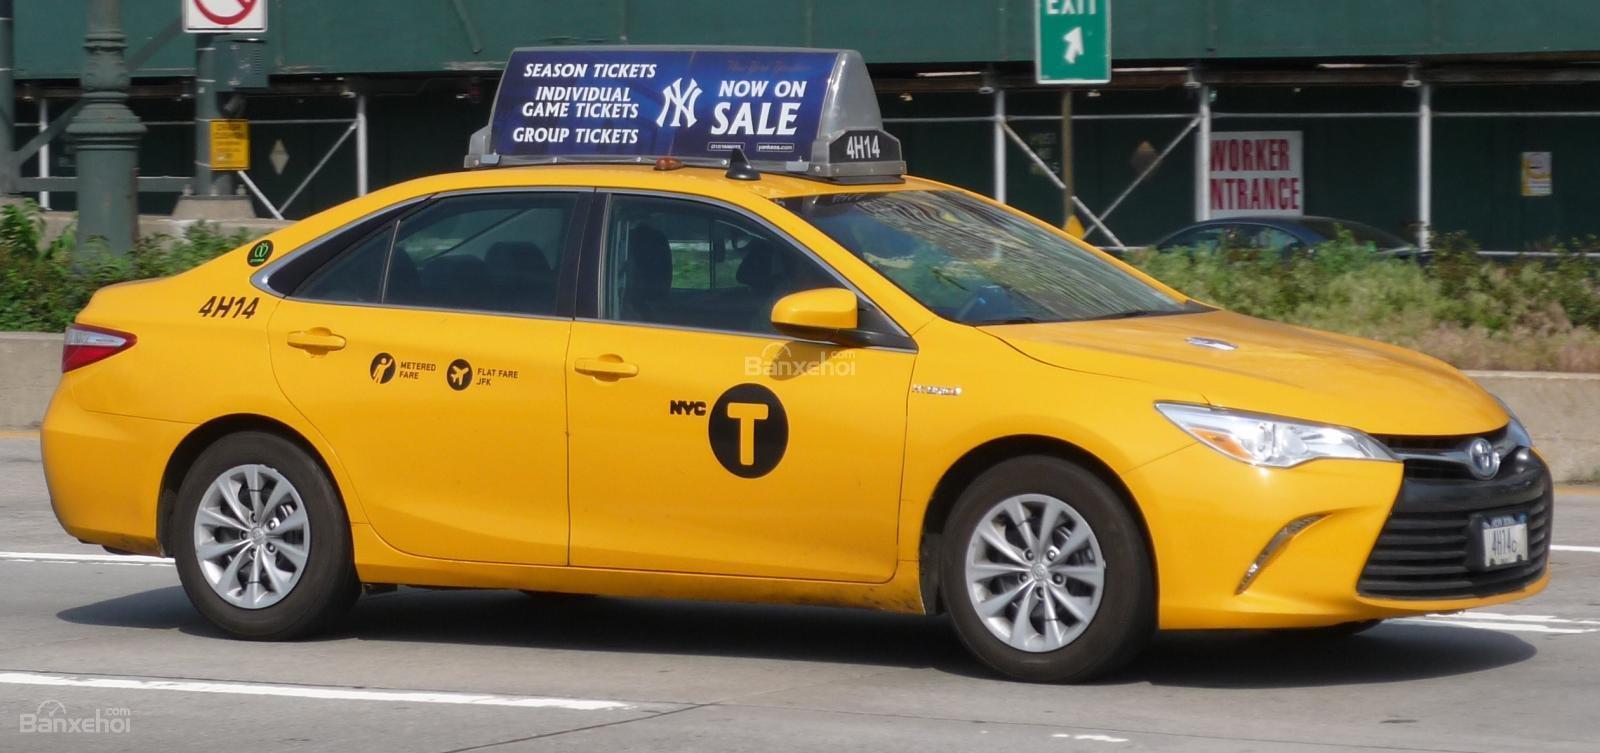 Toyota Camry chạy taxi tại Mỹ...